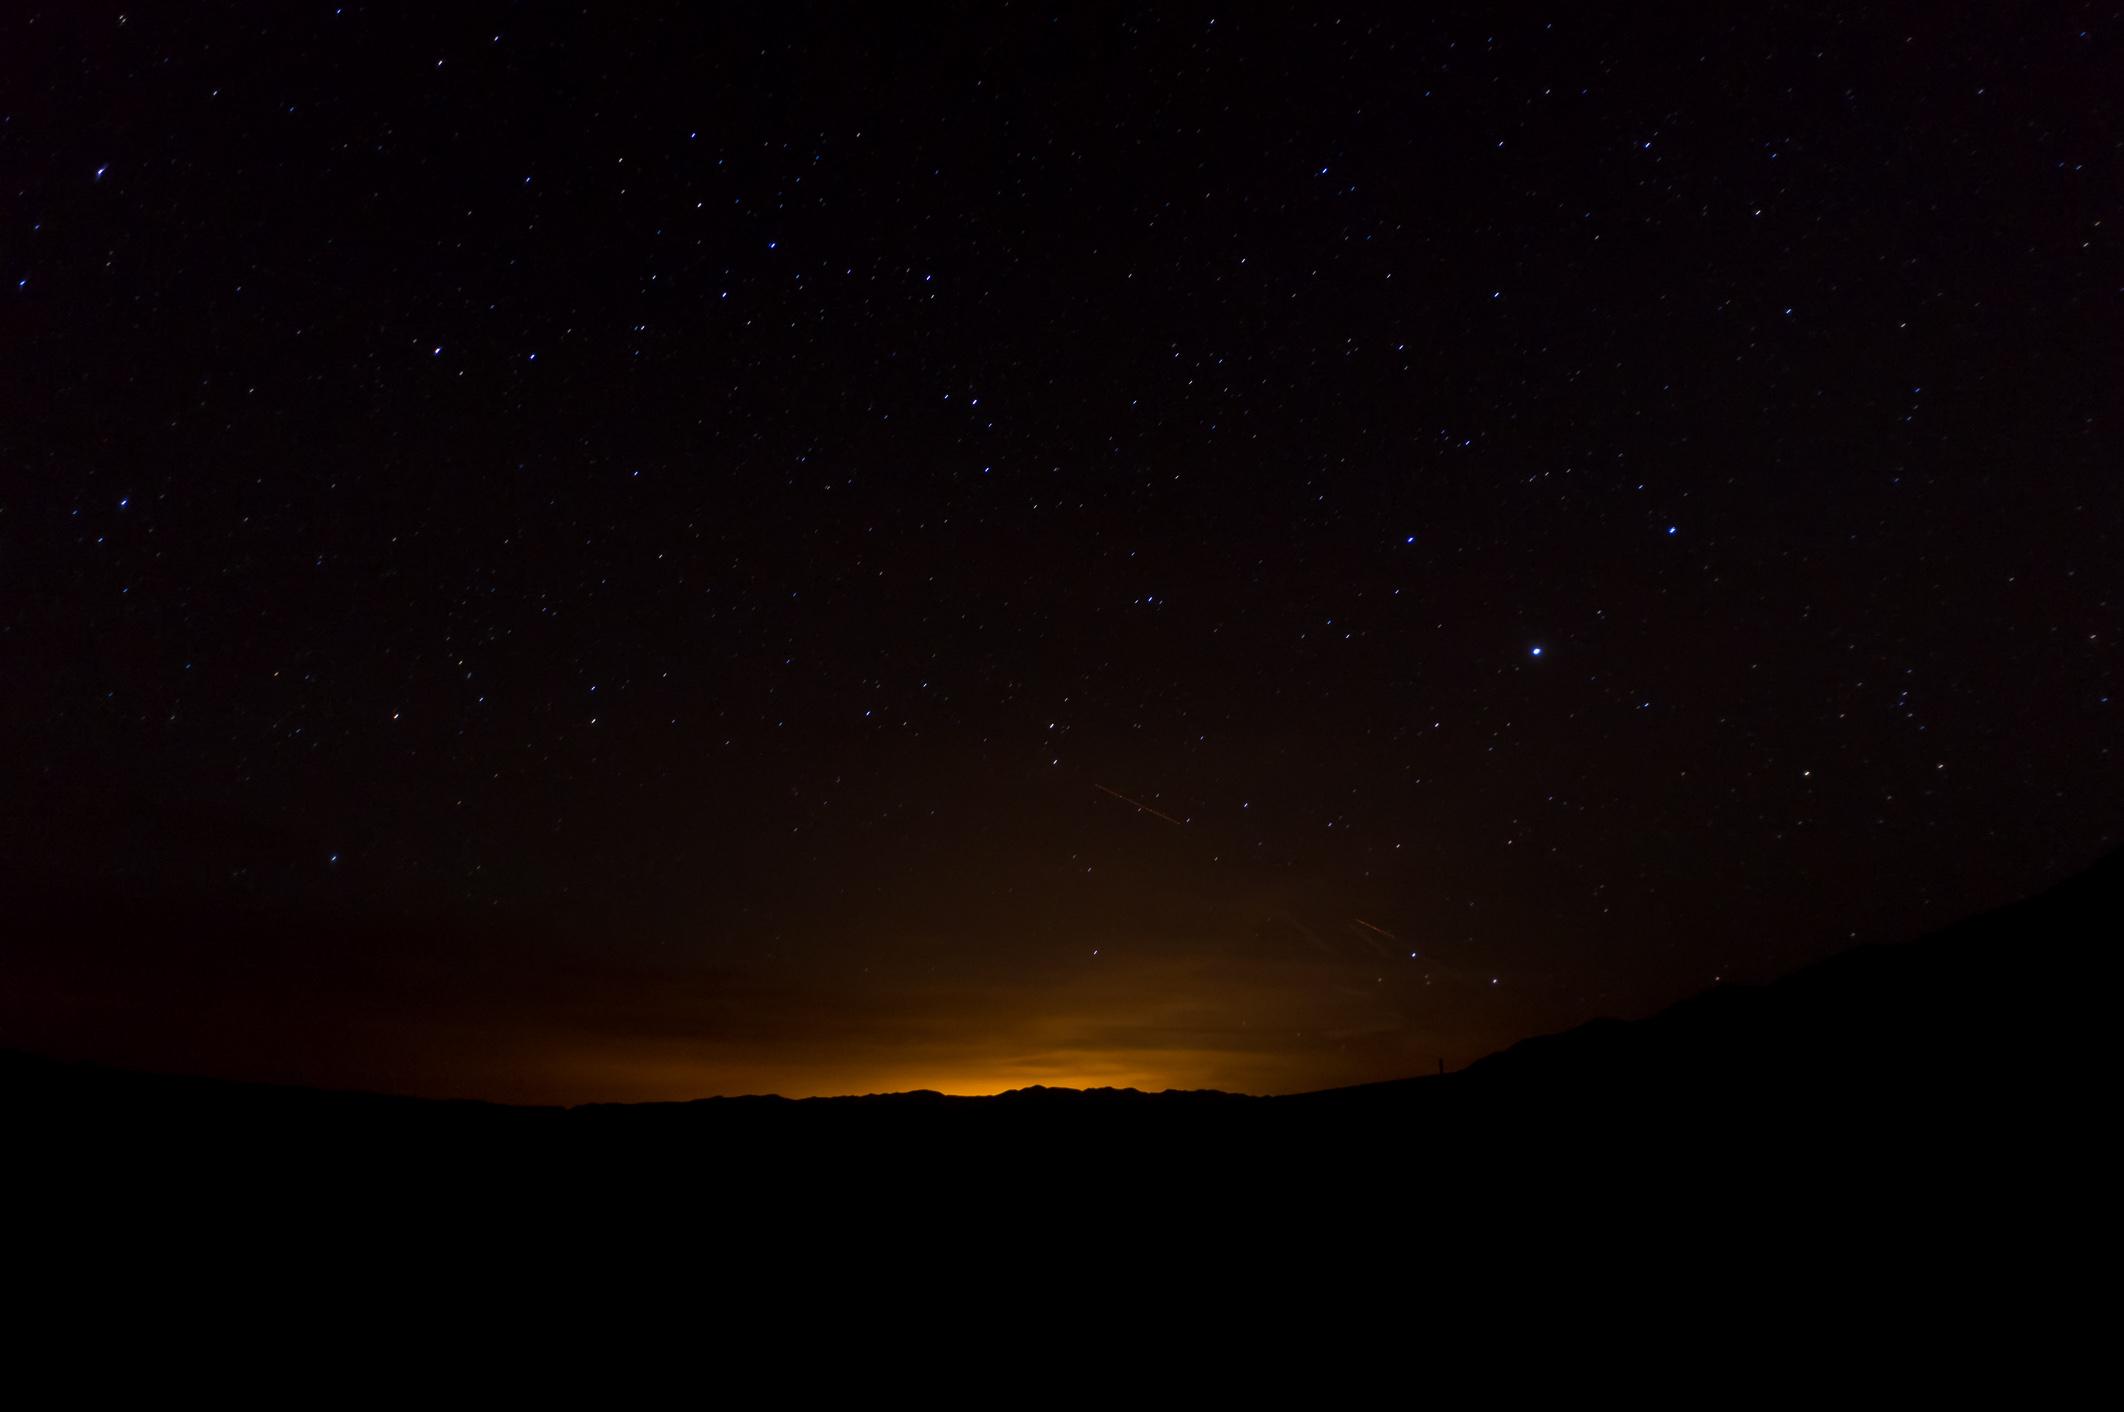 Ich hatte mich leider im Vorfeld nicht mit der Fotografie von Sternen beschäftigt und bitte daher das Foto zu entschuldigen.